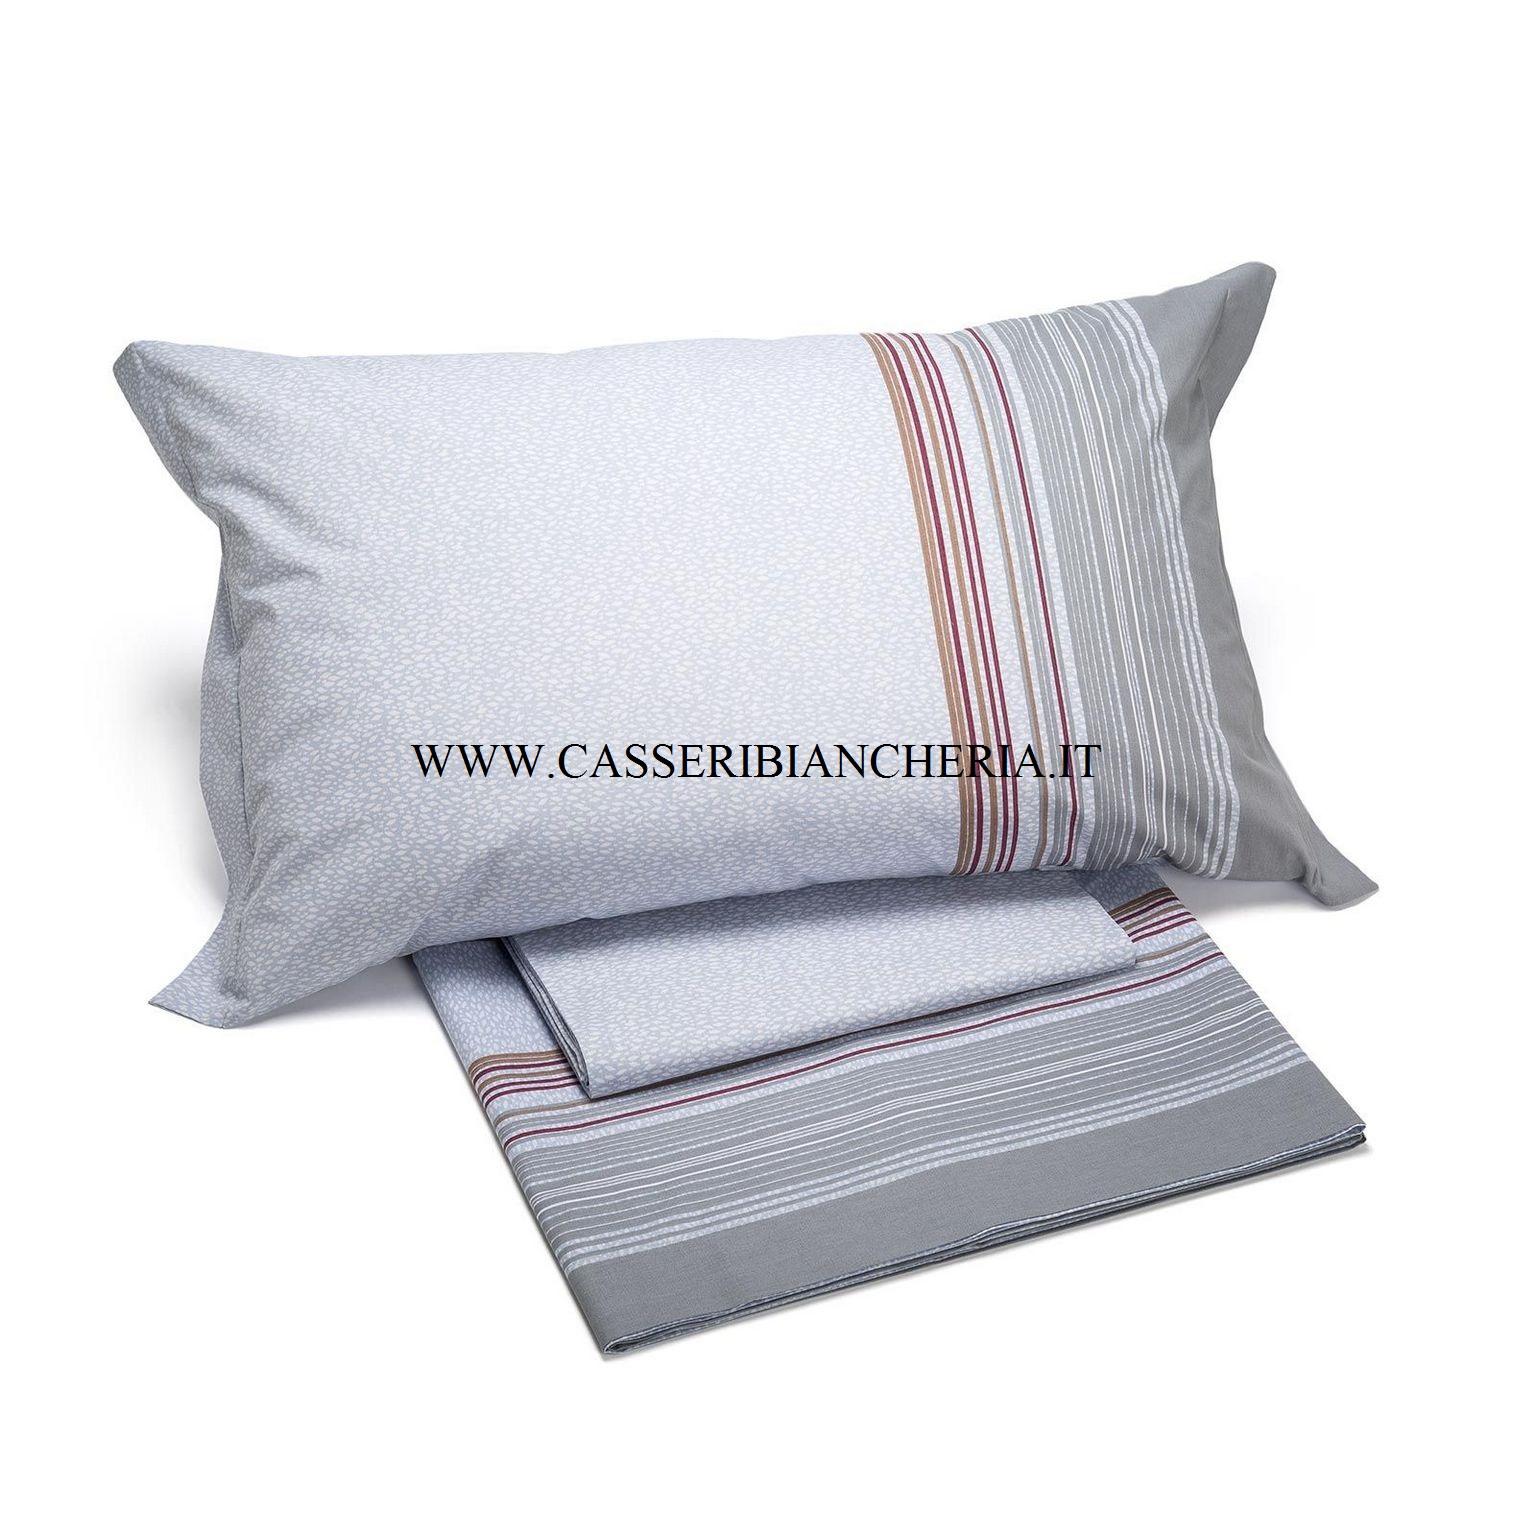 Caleffi completo lenzuola letto singolo 1 piazza atlantico colore grigio casseri biancheria - Misure lenzuola letto singolo ...